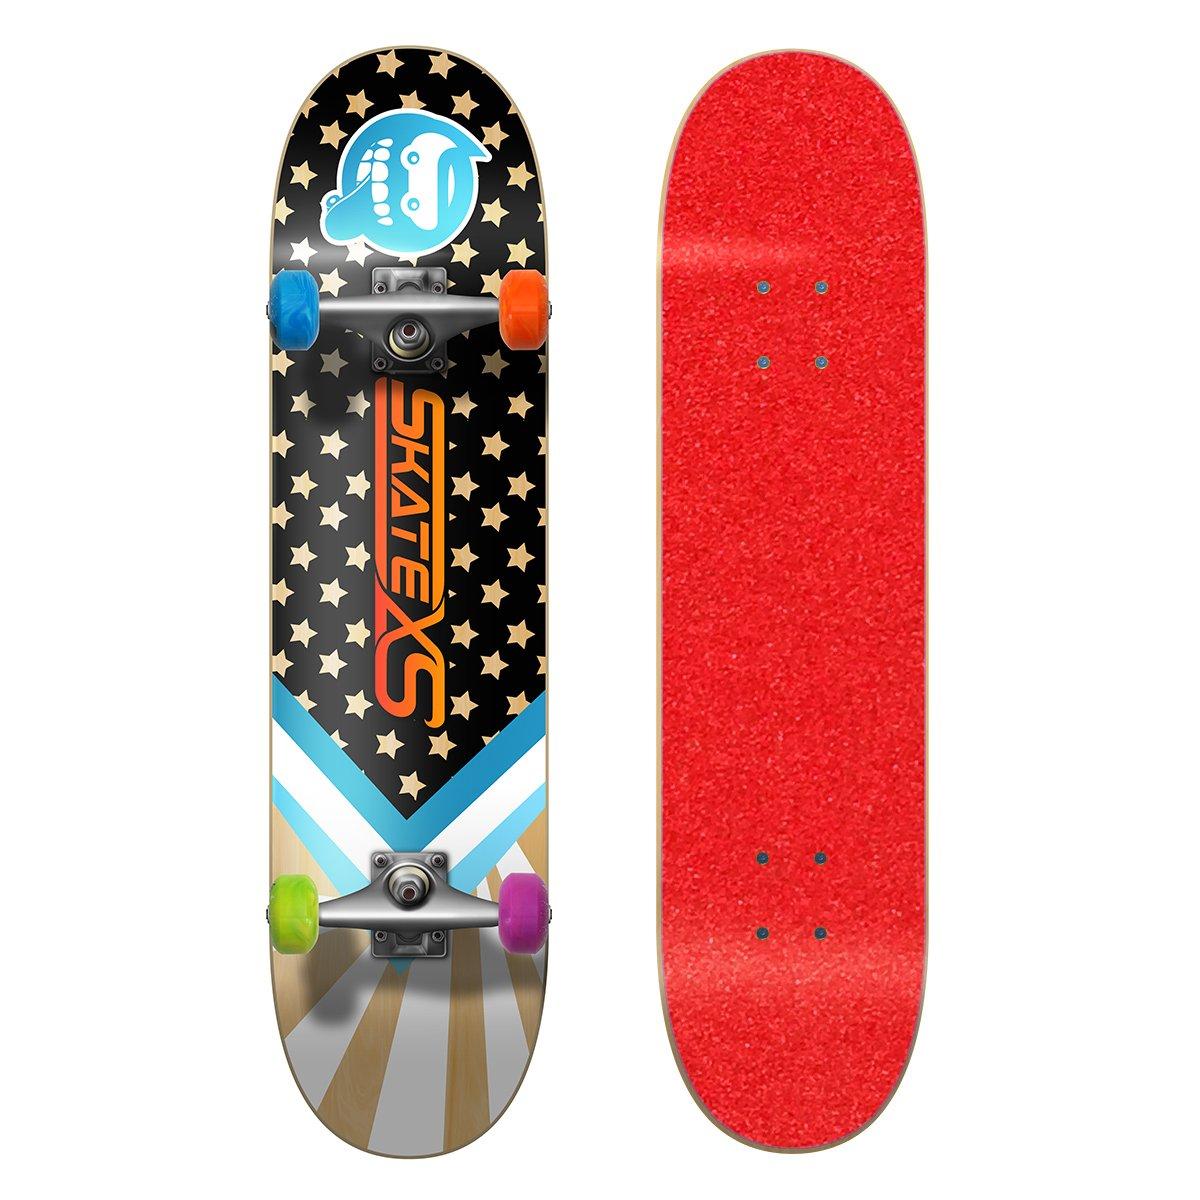 最新発見 SkateXS 11-12) 初心者 スターボード Grip ストリート Wheels スケートボード B01N1OF65E 7.4 x 30 (Ages 11-12)|Red Grip Tape/ Multi-Color Wheels Red Grip Tape/ Multi-Color Wheels 7.4 x 30 (Ages 11-12), スマホ 手帳型 ケースShop ENYU:9c4a1fce --- a0267596.xsph.ru